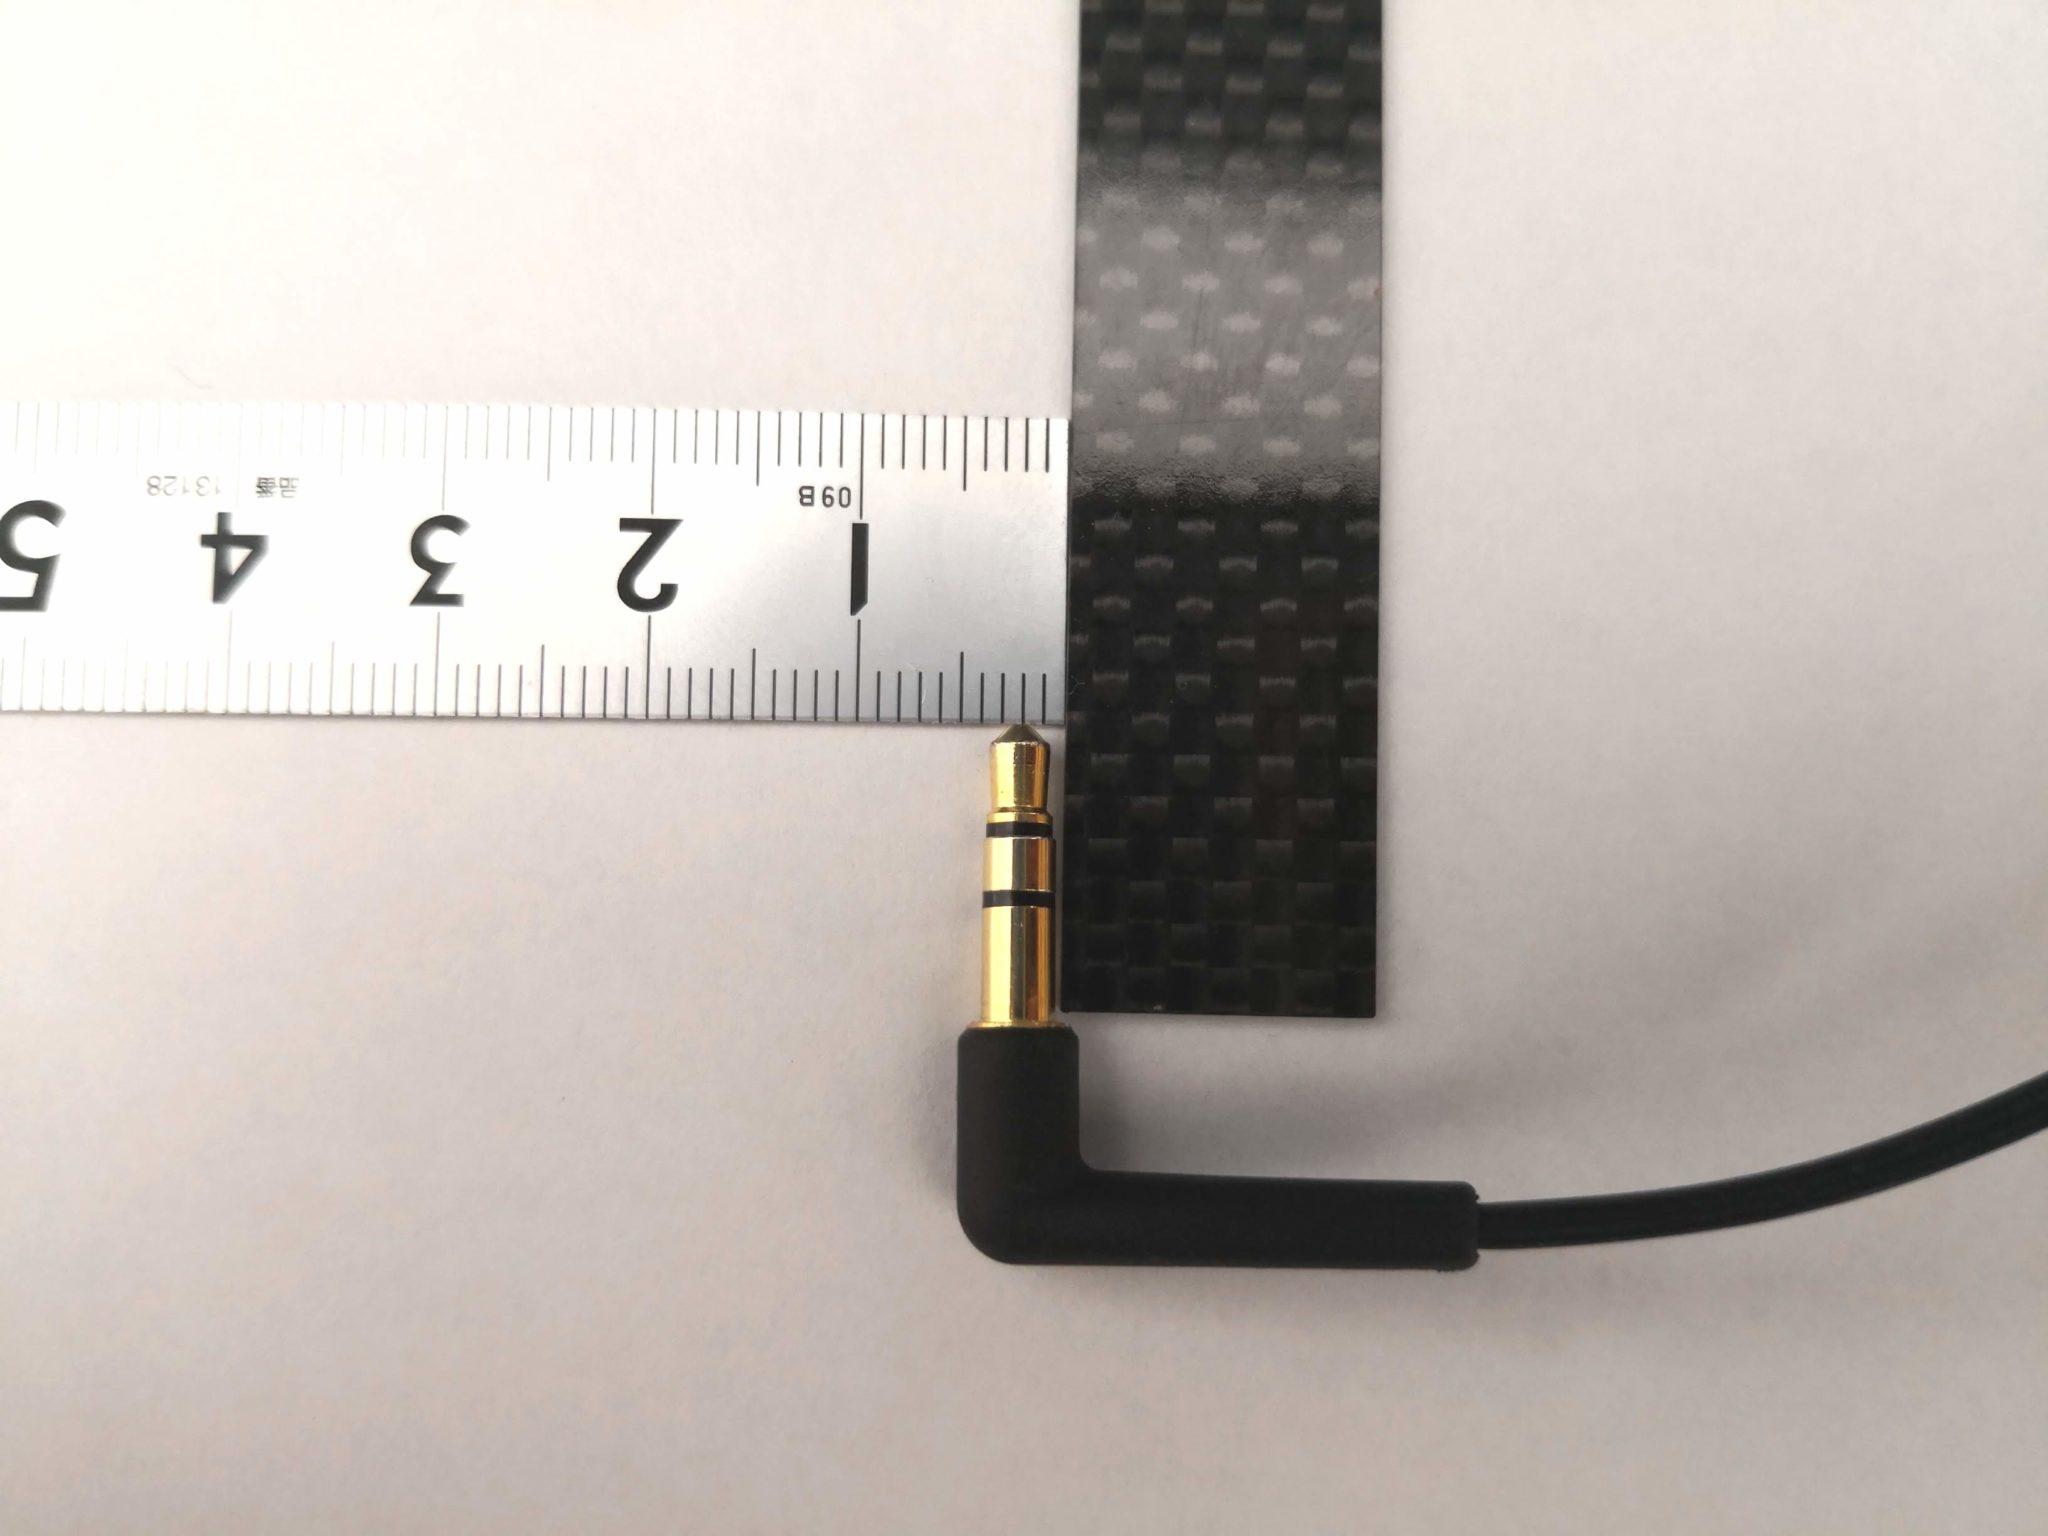 直径3.5mmのプラグ